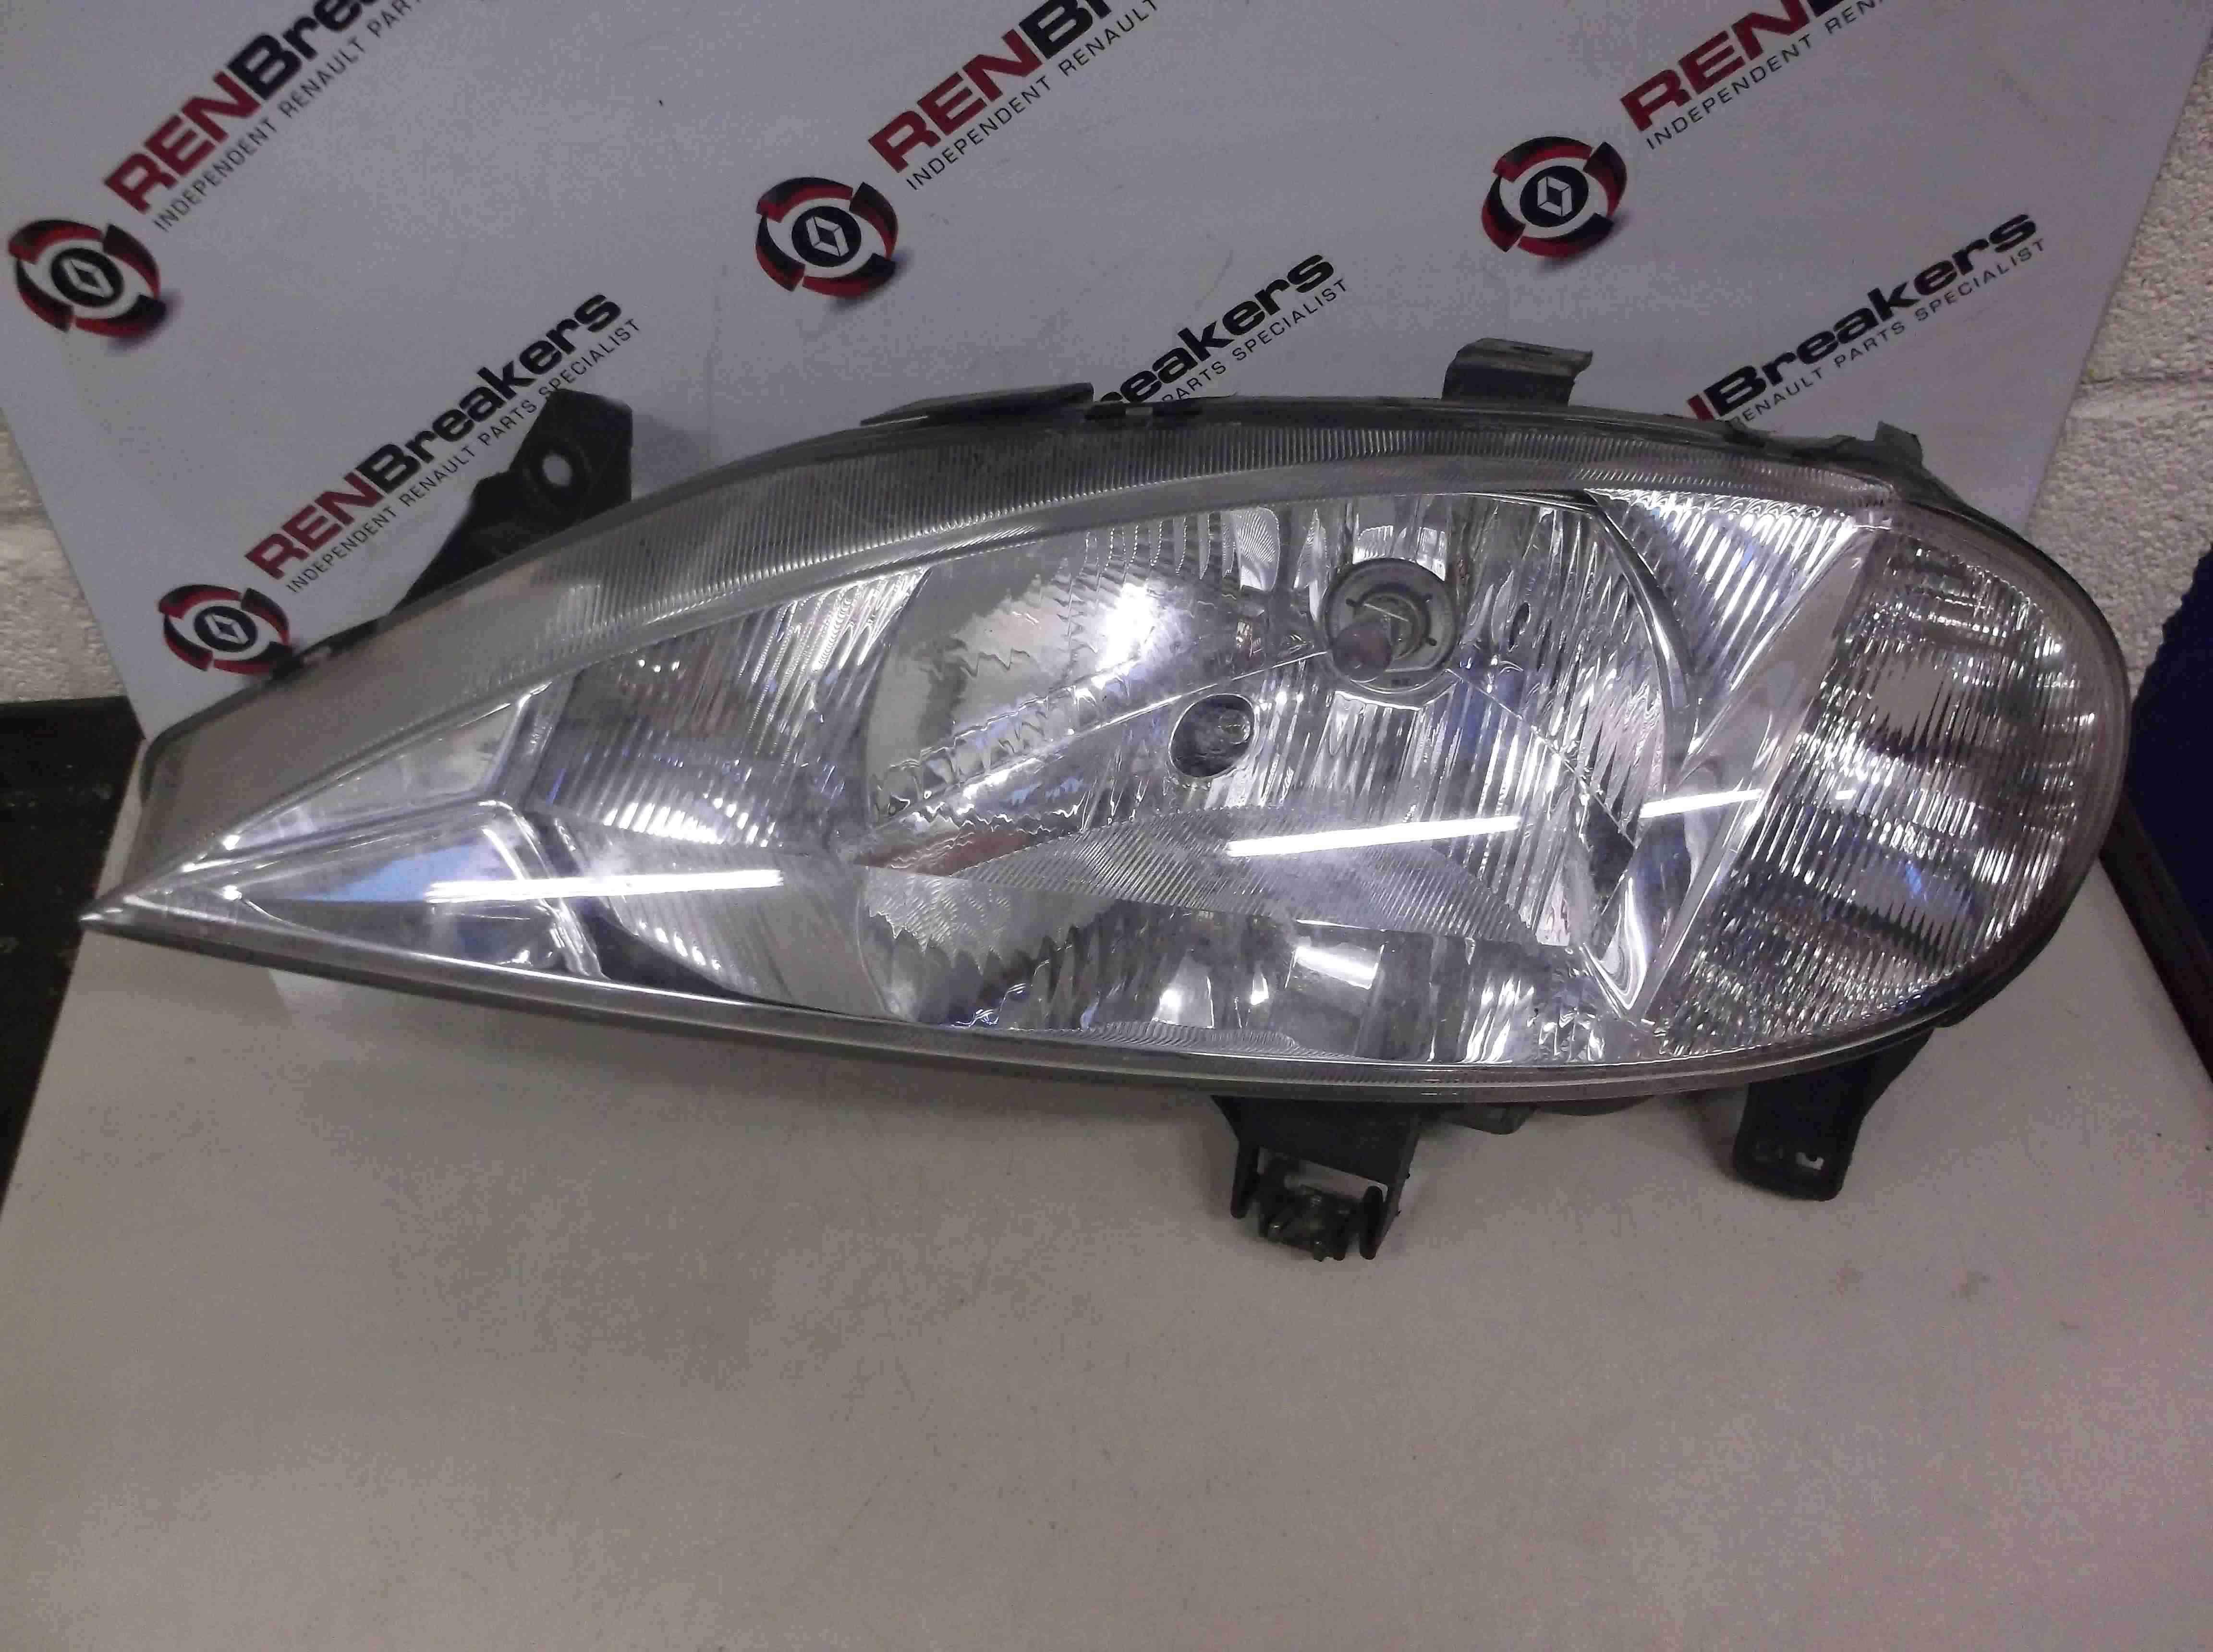 Renault Megane 1999-2002 Passenger NSF Front Headlight Lamp 7700427875